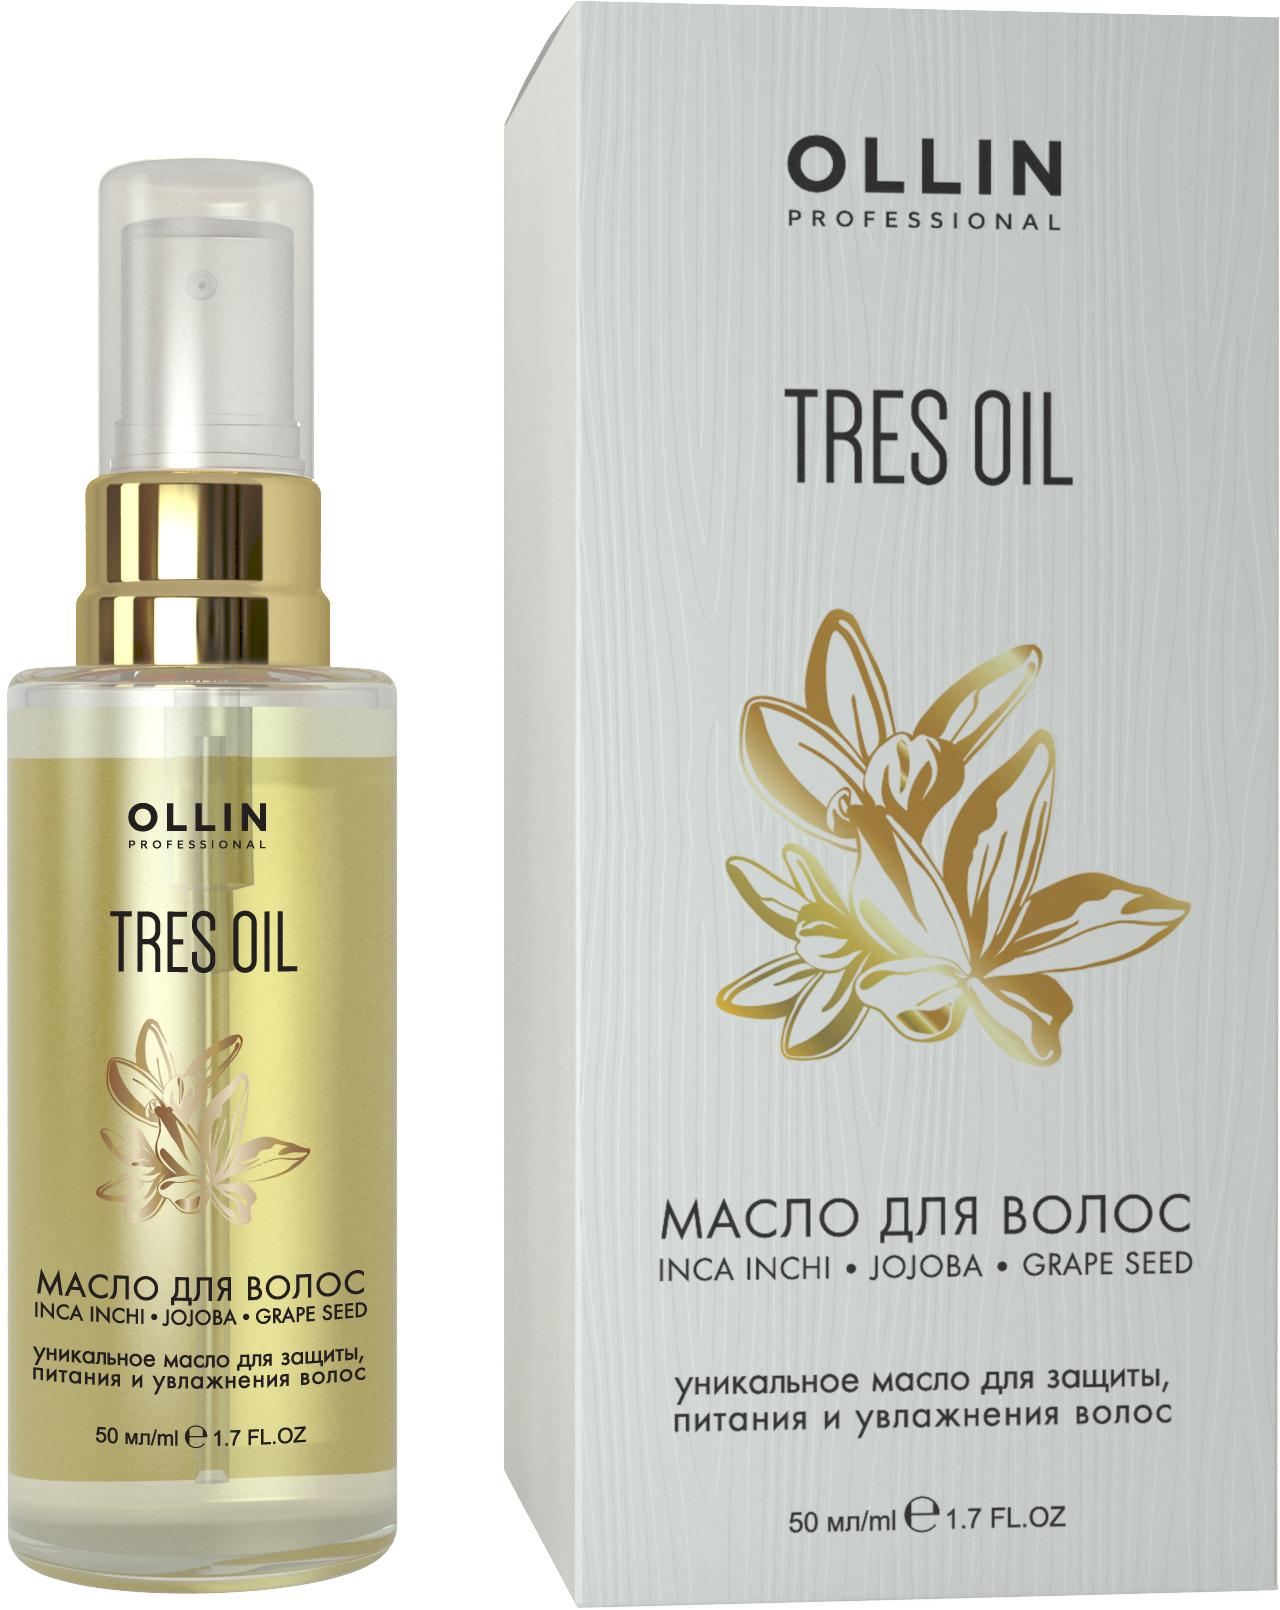 Ollin Tres OИзраиль - Масло для защиты, питания и увлажнения волос 50 мл390800Масло для волос Tres Oil от OllinProfessional сочетает в себе лучшие природные масла для ухода за всеми типами волос. Масло инка-инчи обладает питательными, защитными, увлажняющими и смягчающими свойствами, масло жожоба используется для придания гладкости, шелковистости и блеска волосам, масло виноградной косточки возвращает силу и блеск, регенерирует изнутри поврежденную структуру волоса.Легко впитывается в волосы, делая их более блестящими и послушными без утяжеления. Высокая концентрация витаминов и натуральных масел питает, защищает и увлажняет волосы, возвращает им мягкость и здоровый блеск.